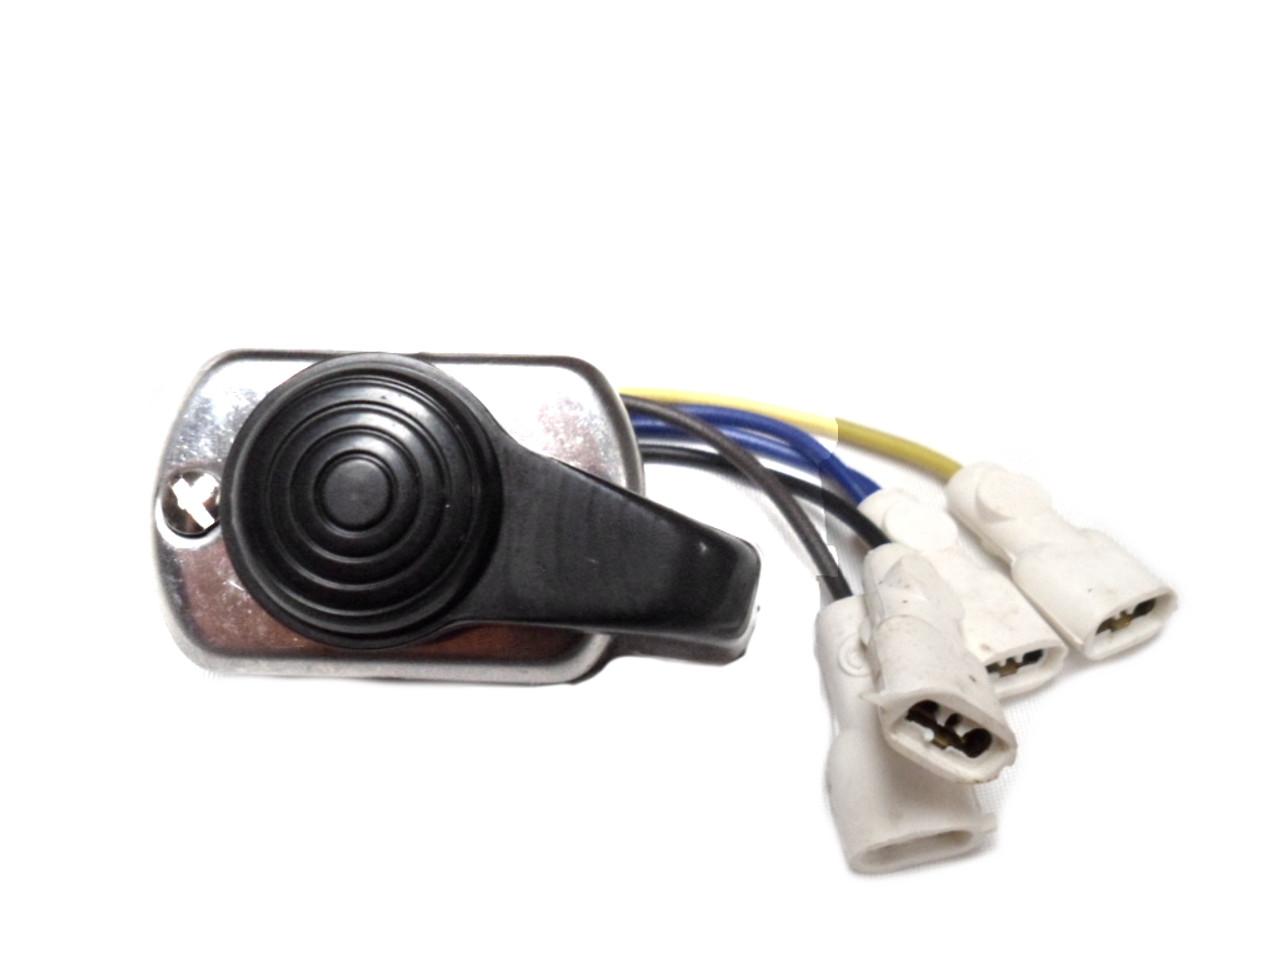 NOS Motobecane Light Switch - 53534